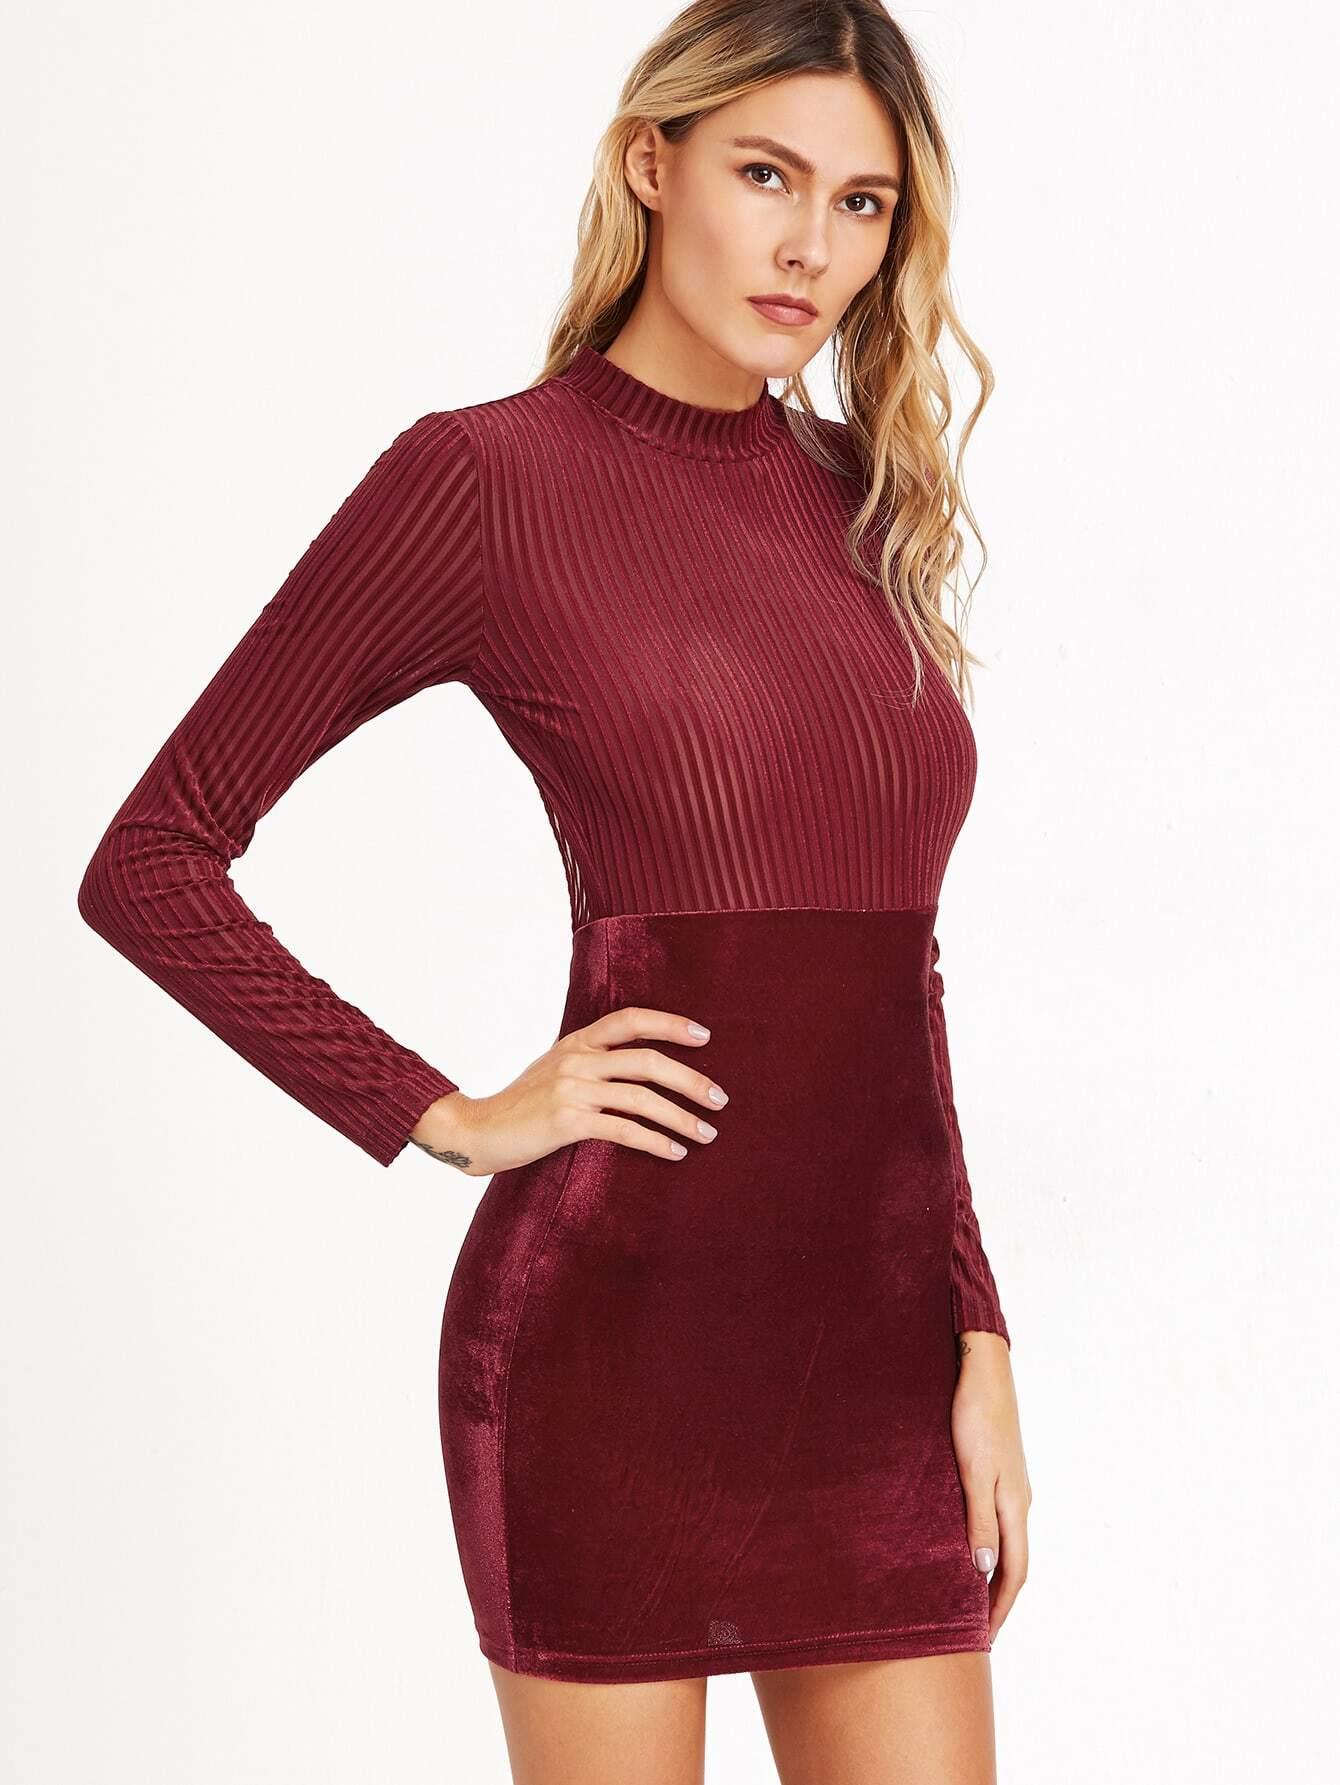 dress161110712_2